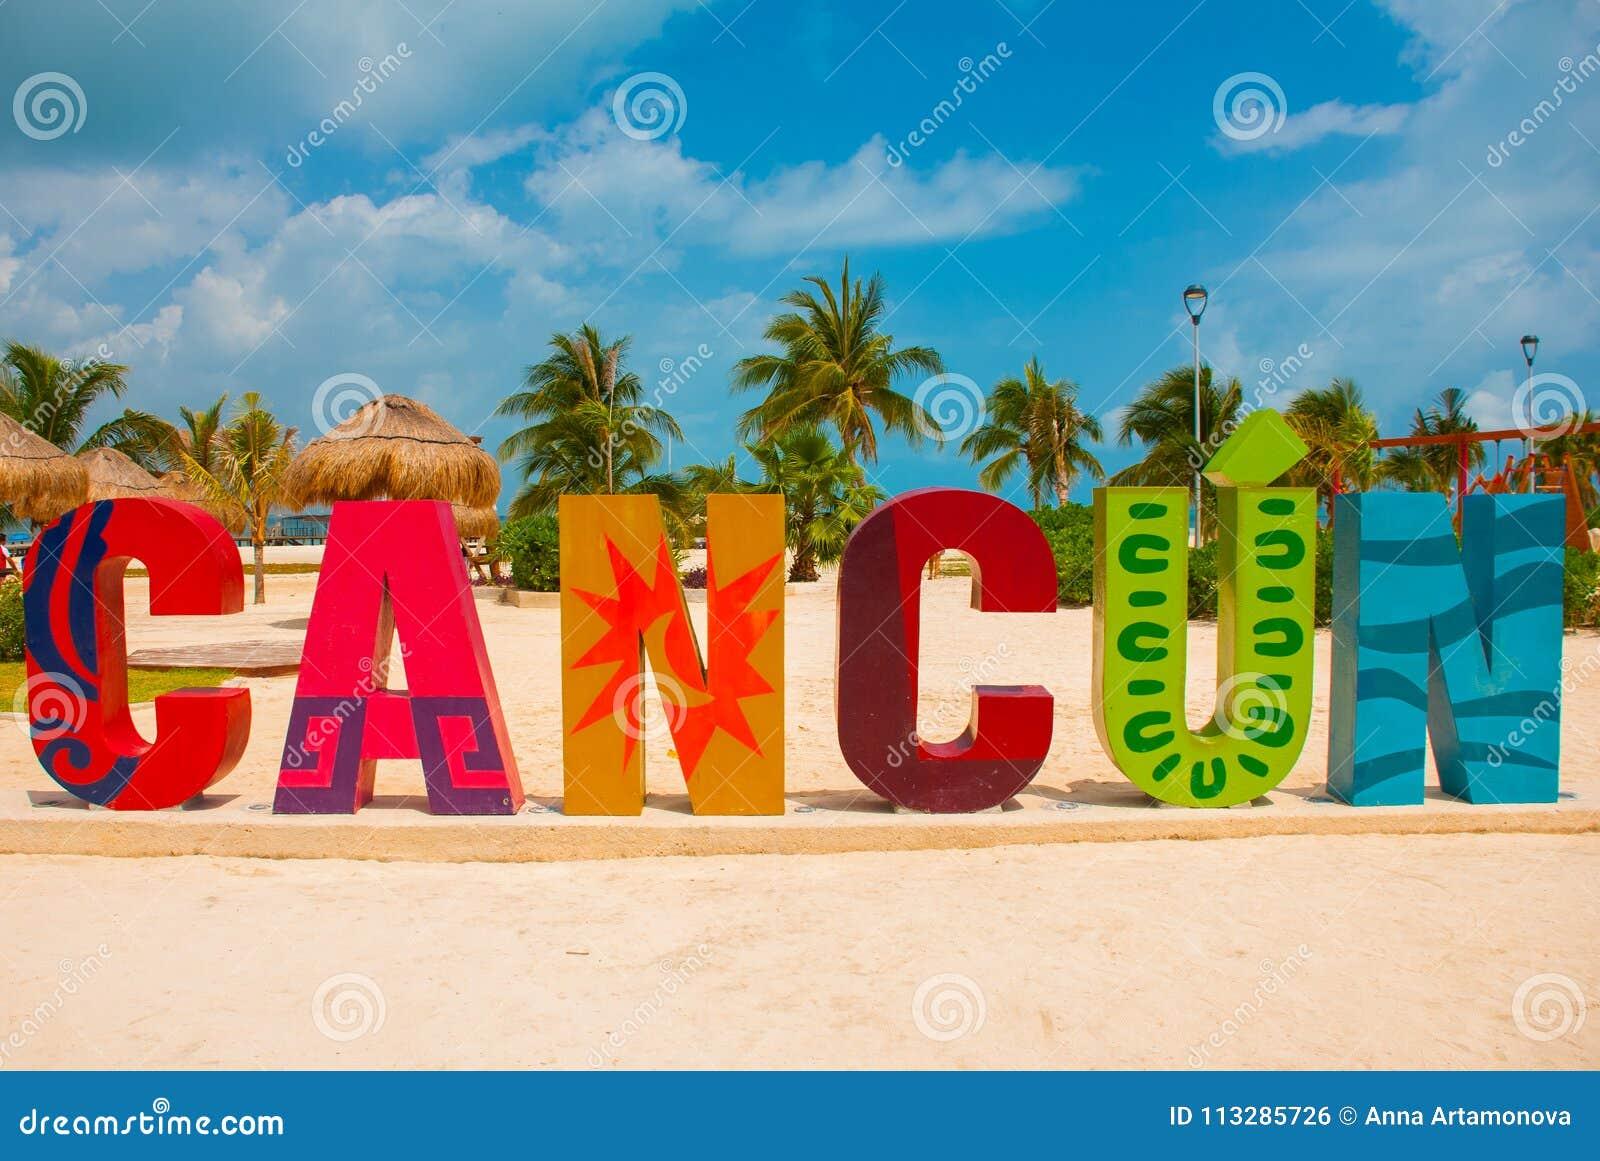 Cancun, Mexico, inschrijving voor het strand van Playa Delfines Reusachtige brieven van de stadsnaam